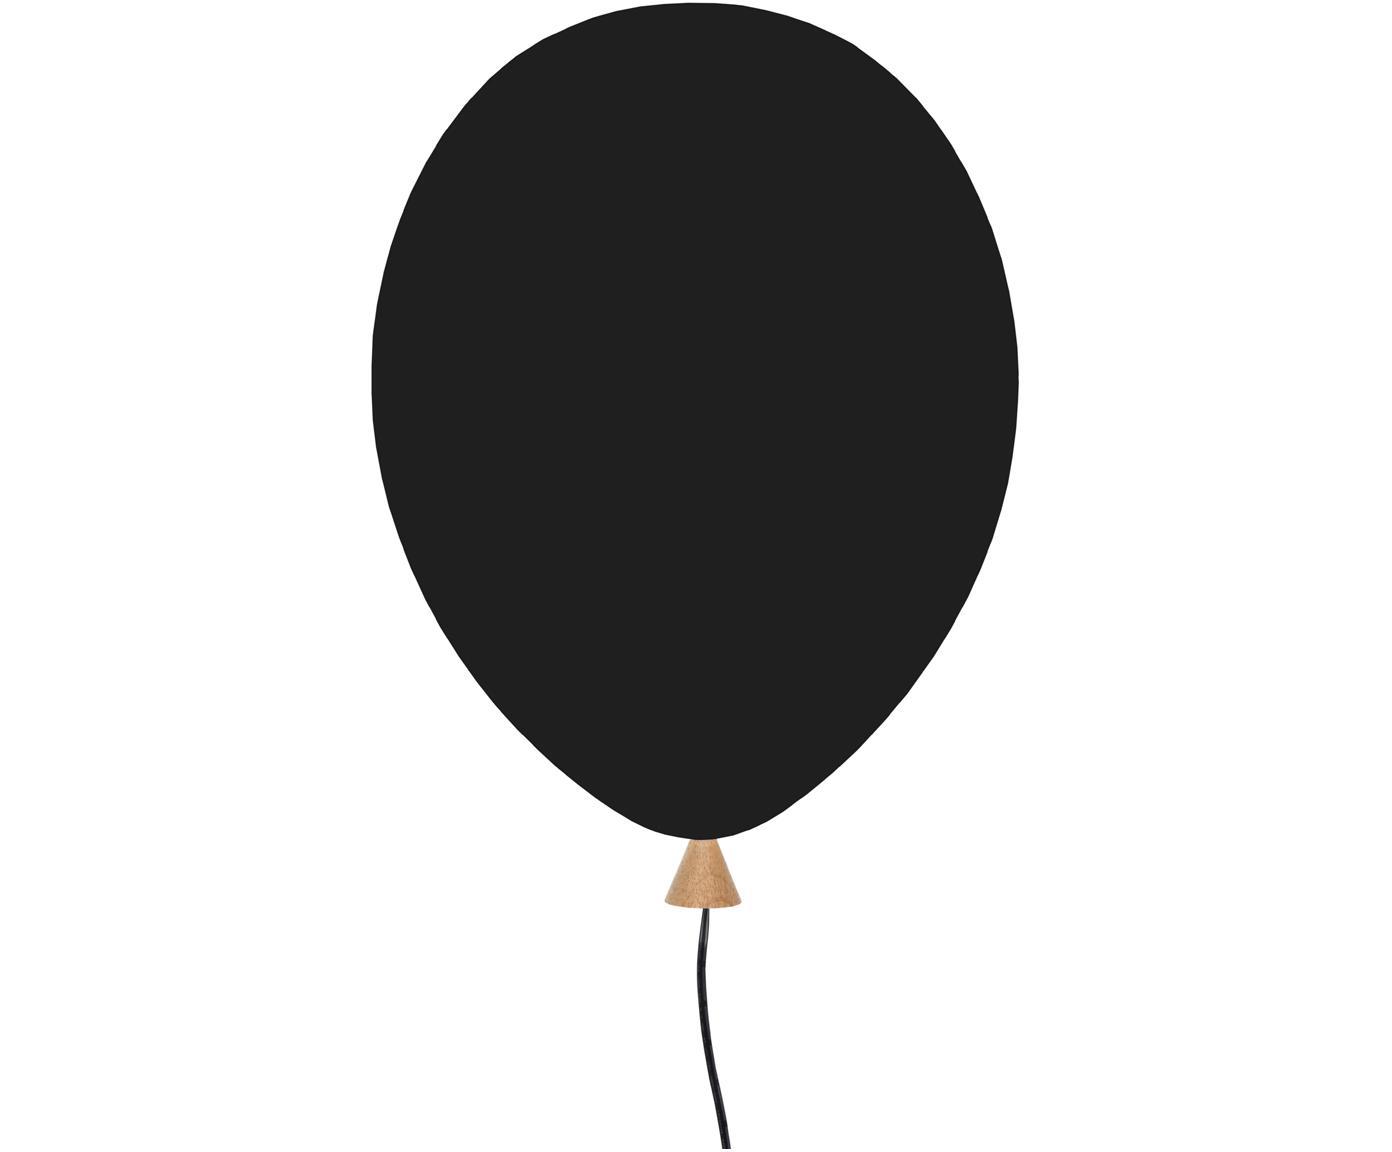 Wandlamp Balloon met stekker, Lampenkap: gecoat hout, Zwart, 25 x 35 cm